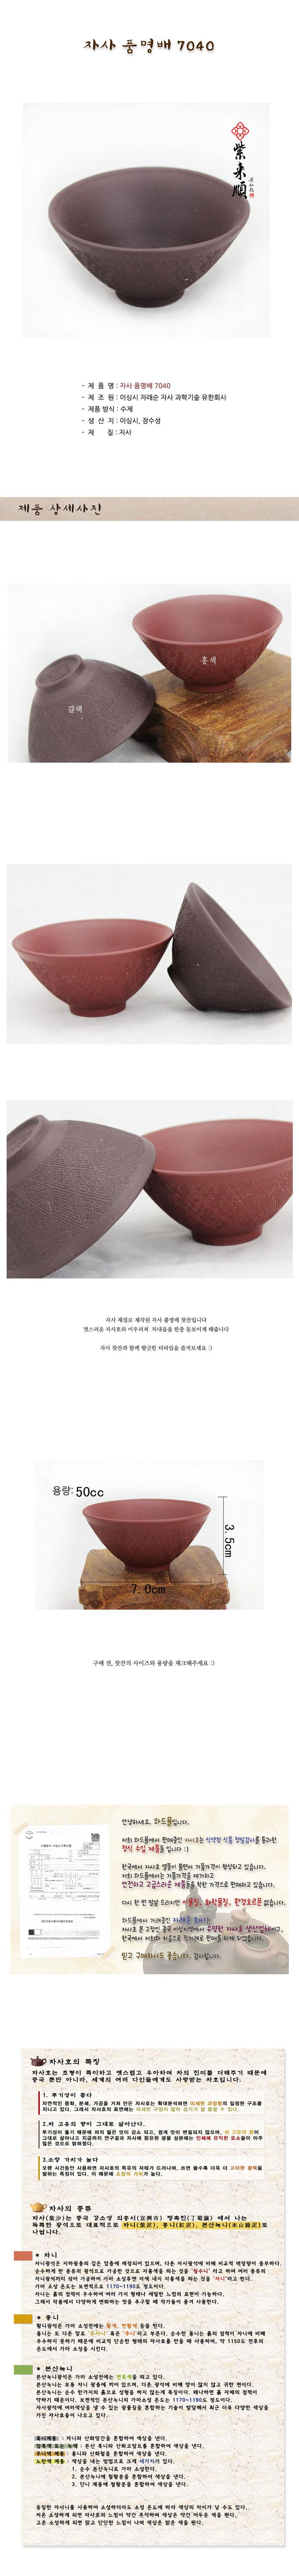 자사 품명배 7040 찻잔(홍색) - 자래순, 3,300원, 차 용품, 티포트